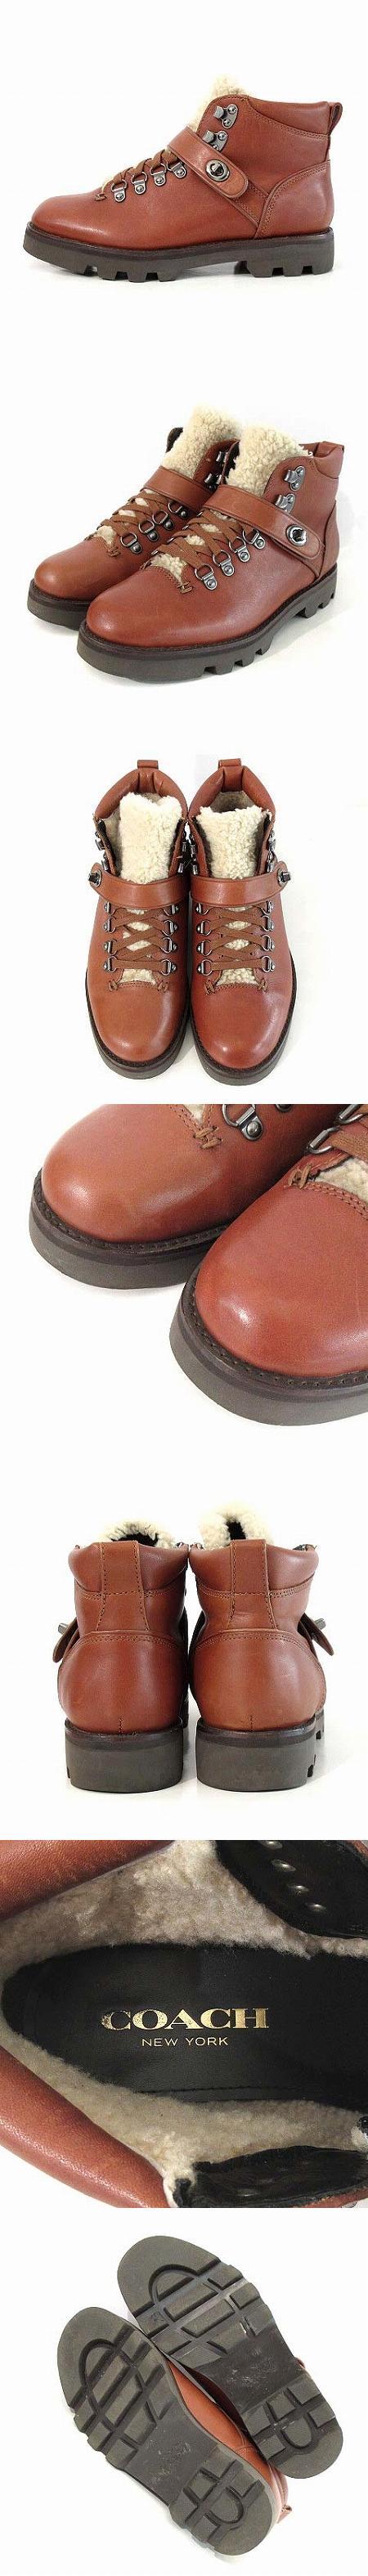 ショート ブーツ トンプキンズ ハイカー シアリング TOMPKINS HIKER SHEAR G1074 レザー 茶 7 靴